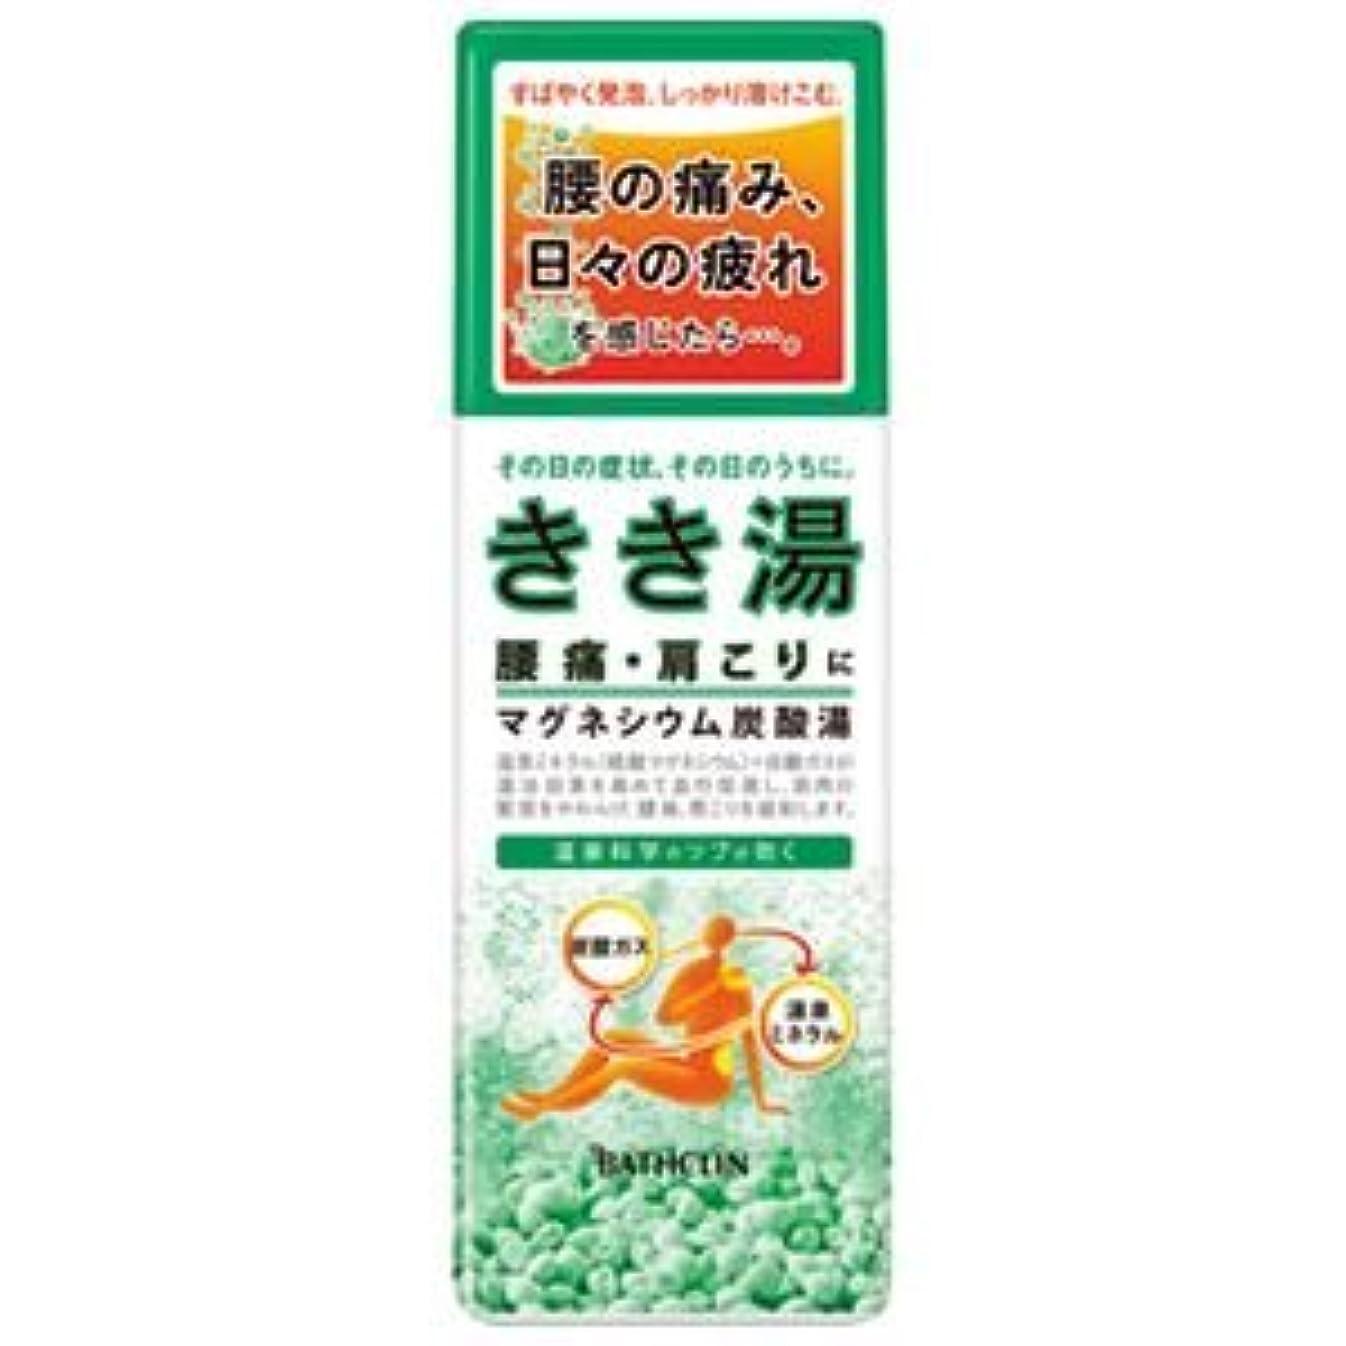 丁寧欠点フェッチ(業務用10セット) バスクリン きき湯 マグネシウム炭酸湯 360g